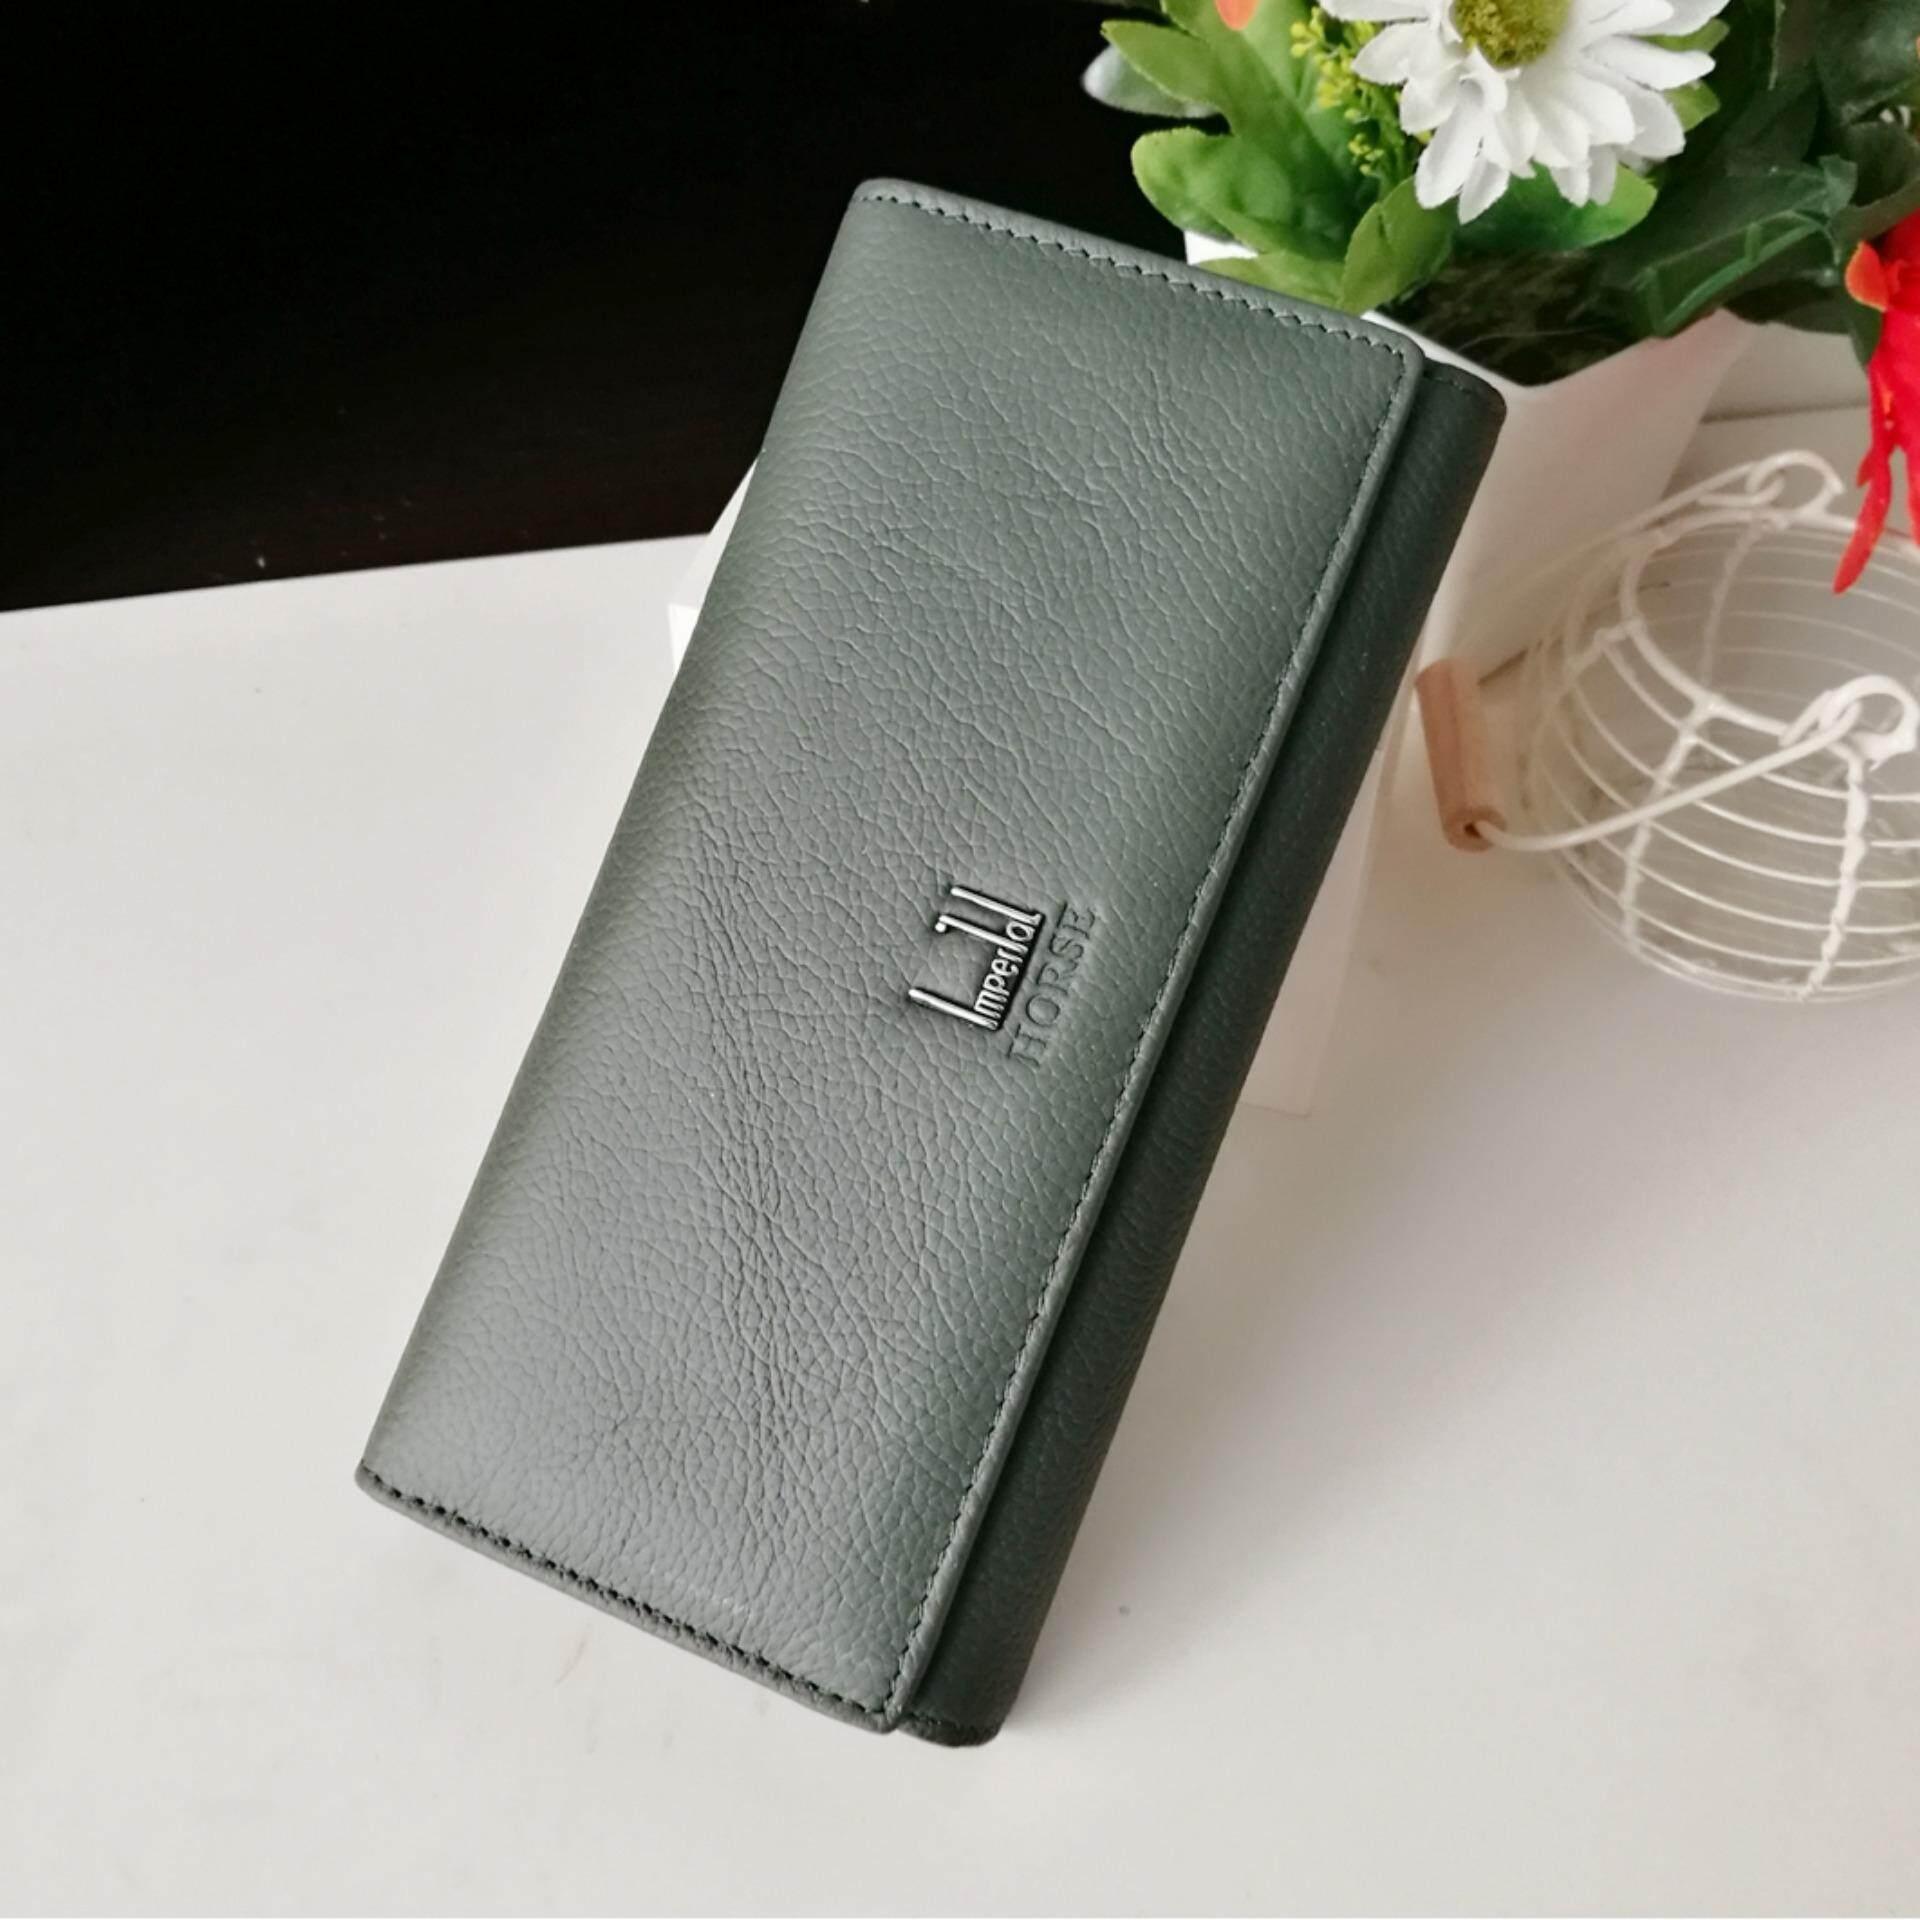 ราคา Leather Best Syyle กระเป๋าสตางค์หนังแท้ใบยาวมีช่องใส่เหรียญ รุ่น B005 9 5 สีเขียวเข้ม ราคาถูกที่สุด